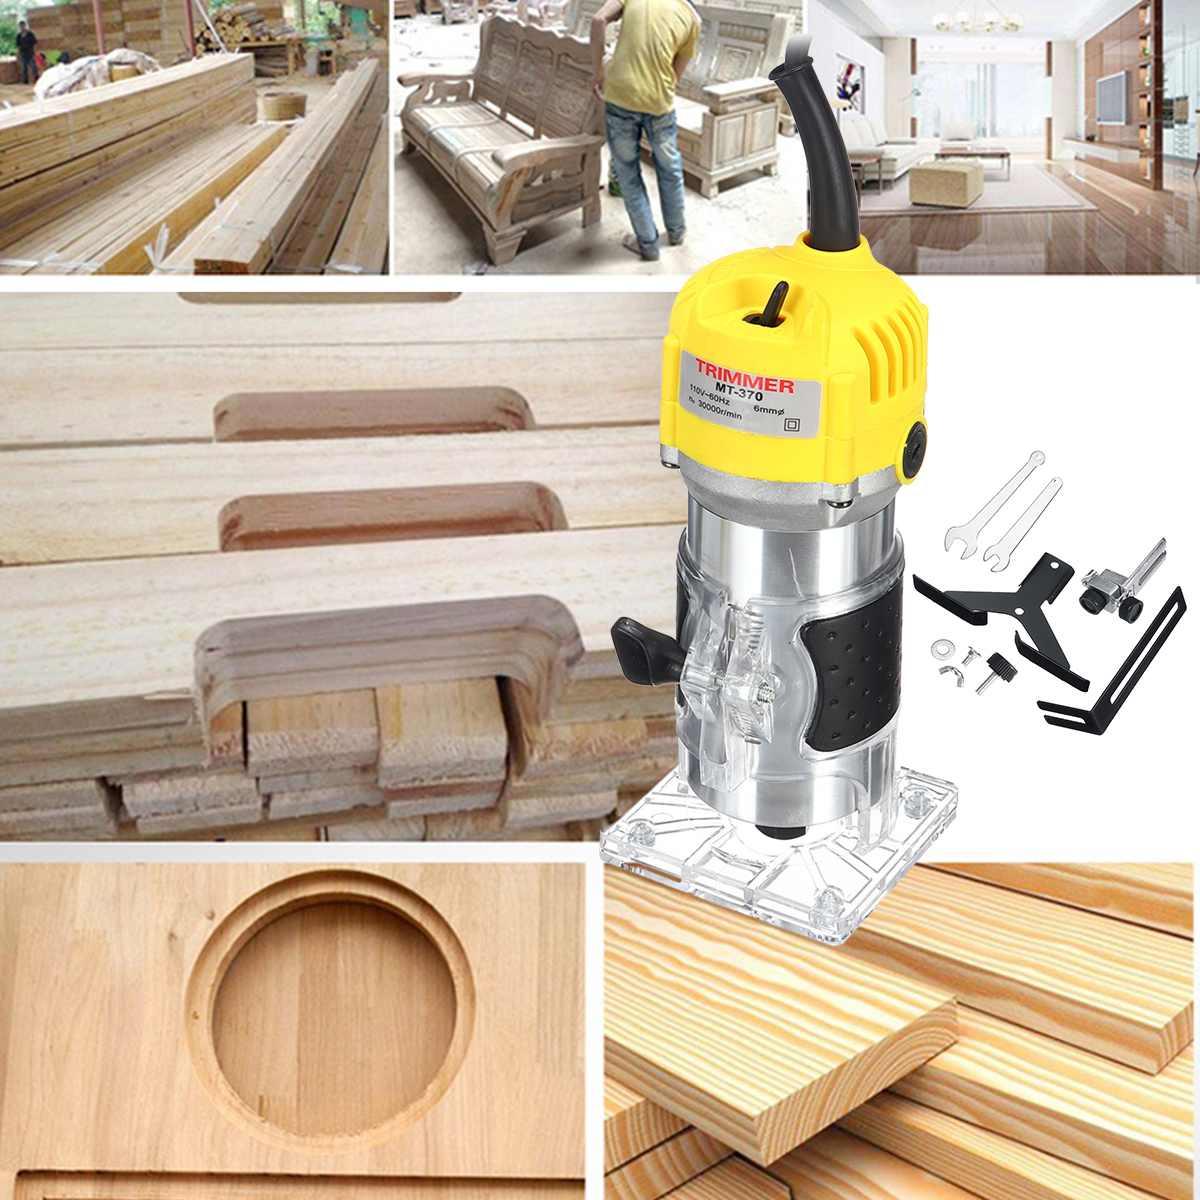 110V 220V 2200W Elektrische Hand Trimmer 6,35mm 1/4 Holz Router Bits Trimmen Schneiden Carving Maschine Holzbearbeitung laminator Werkzeug